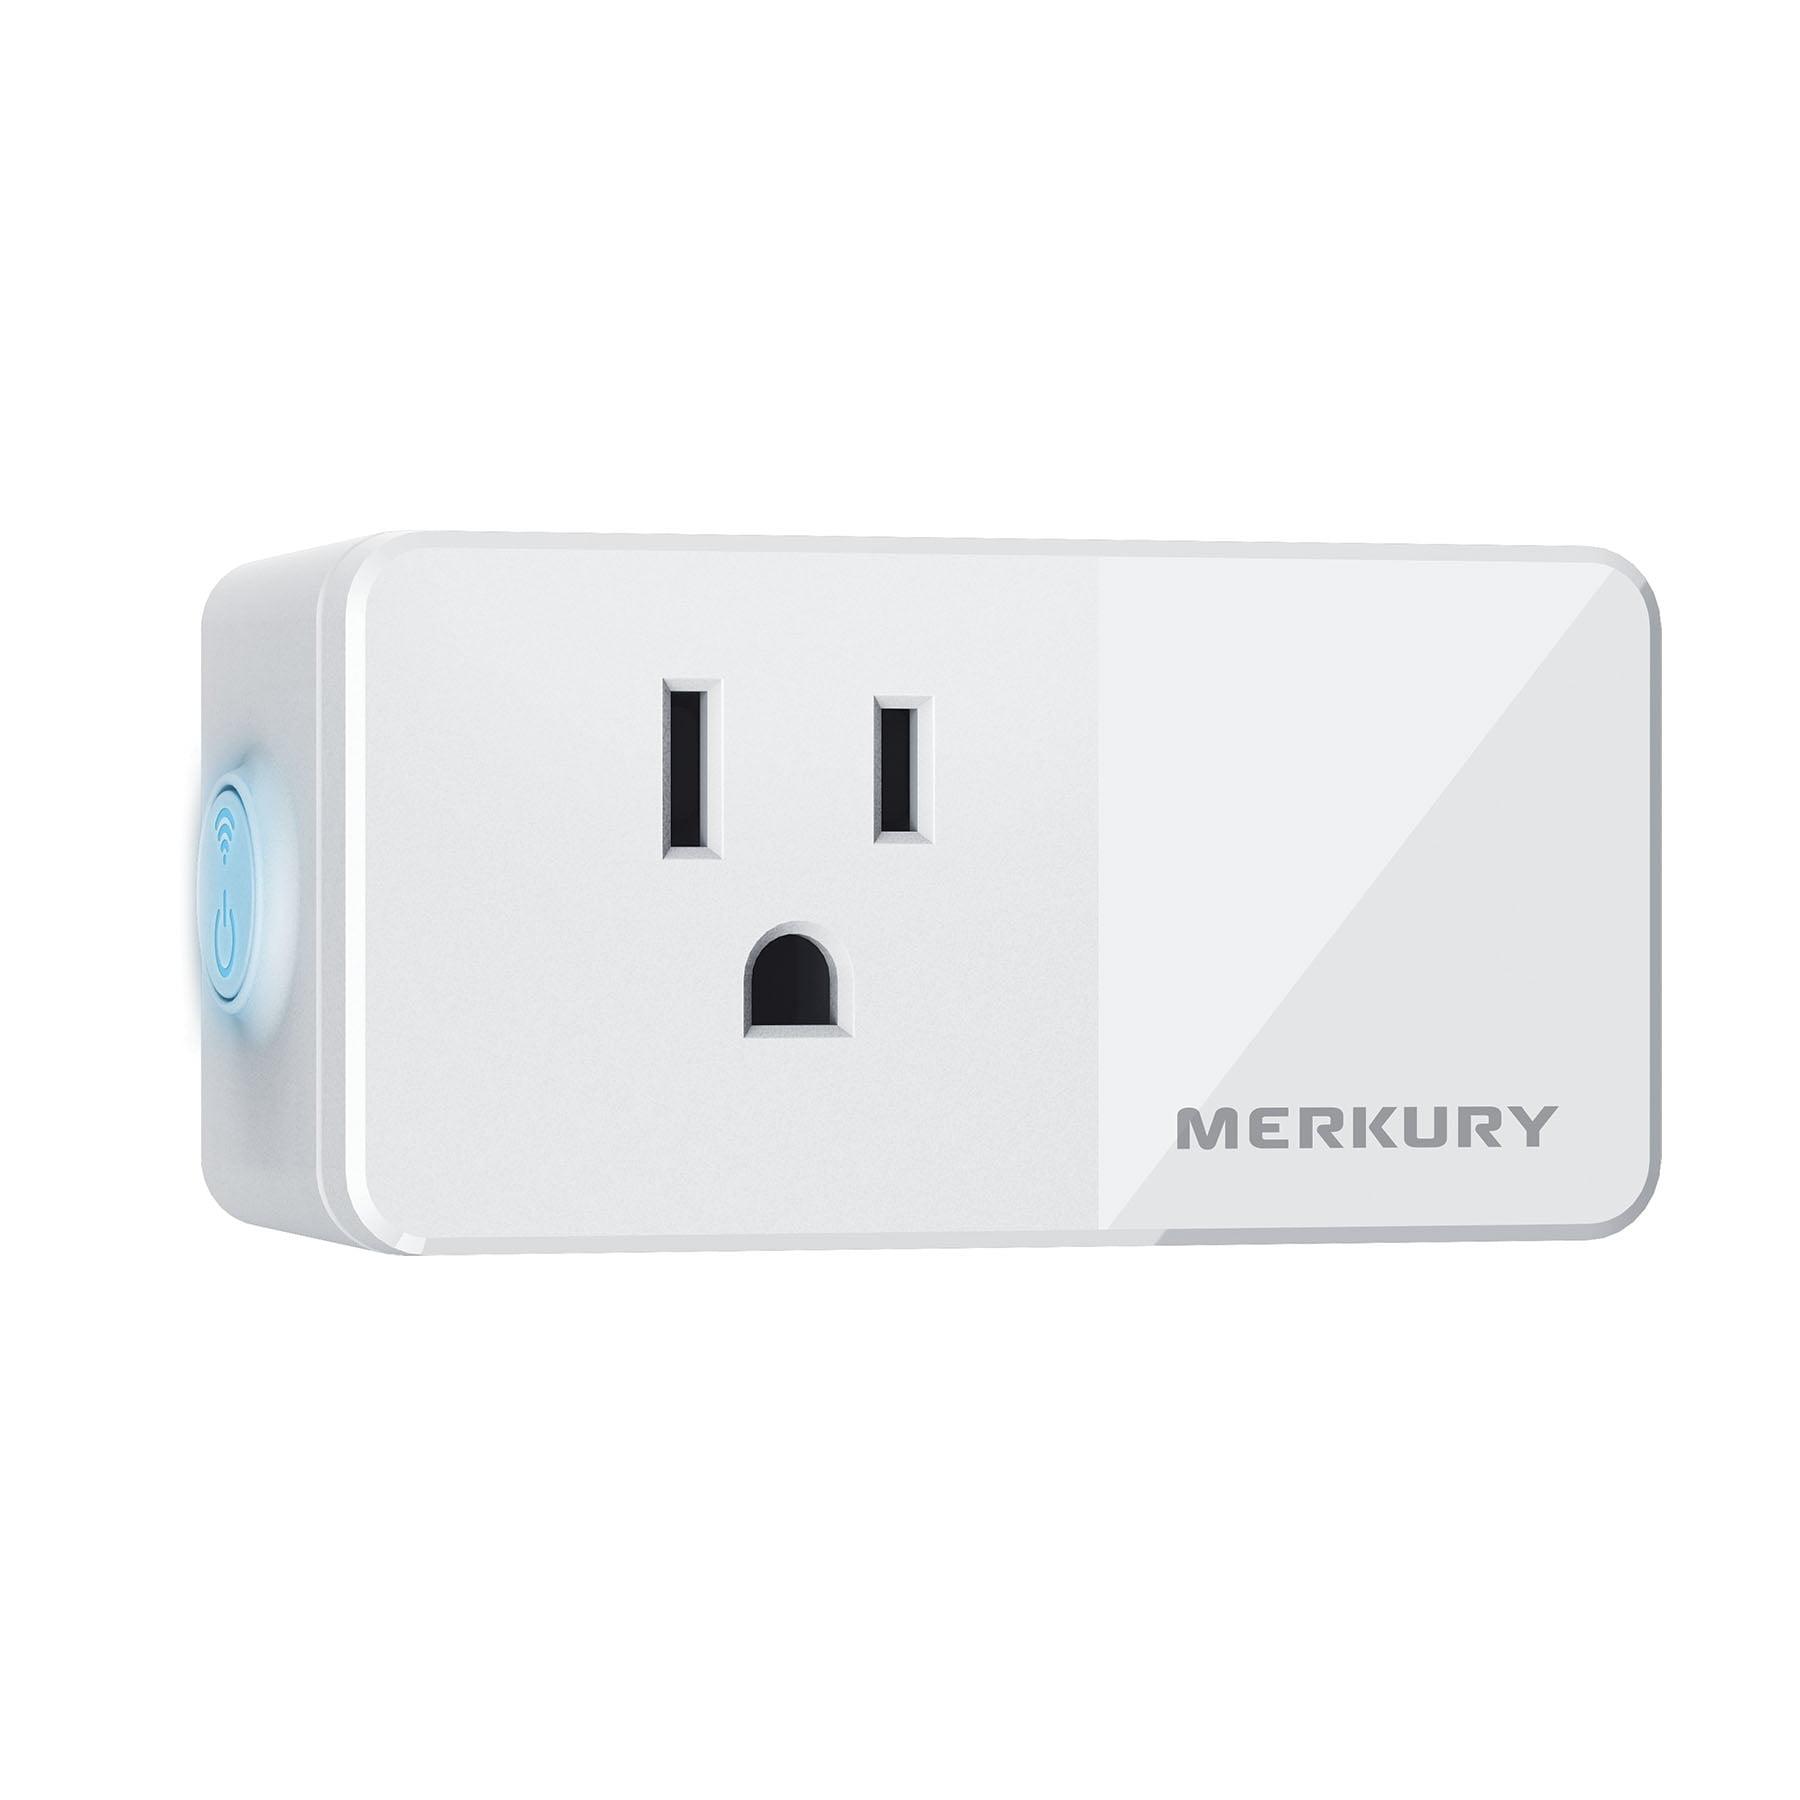 Merkury Innovations Smart Plug, 1-Pack